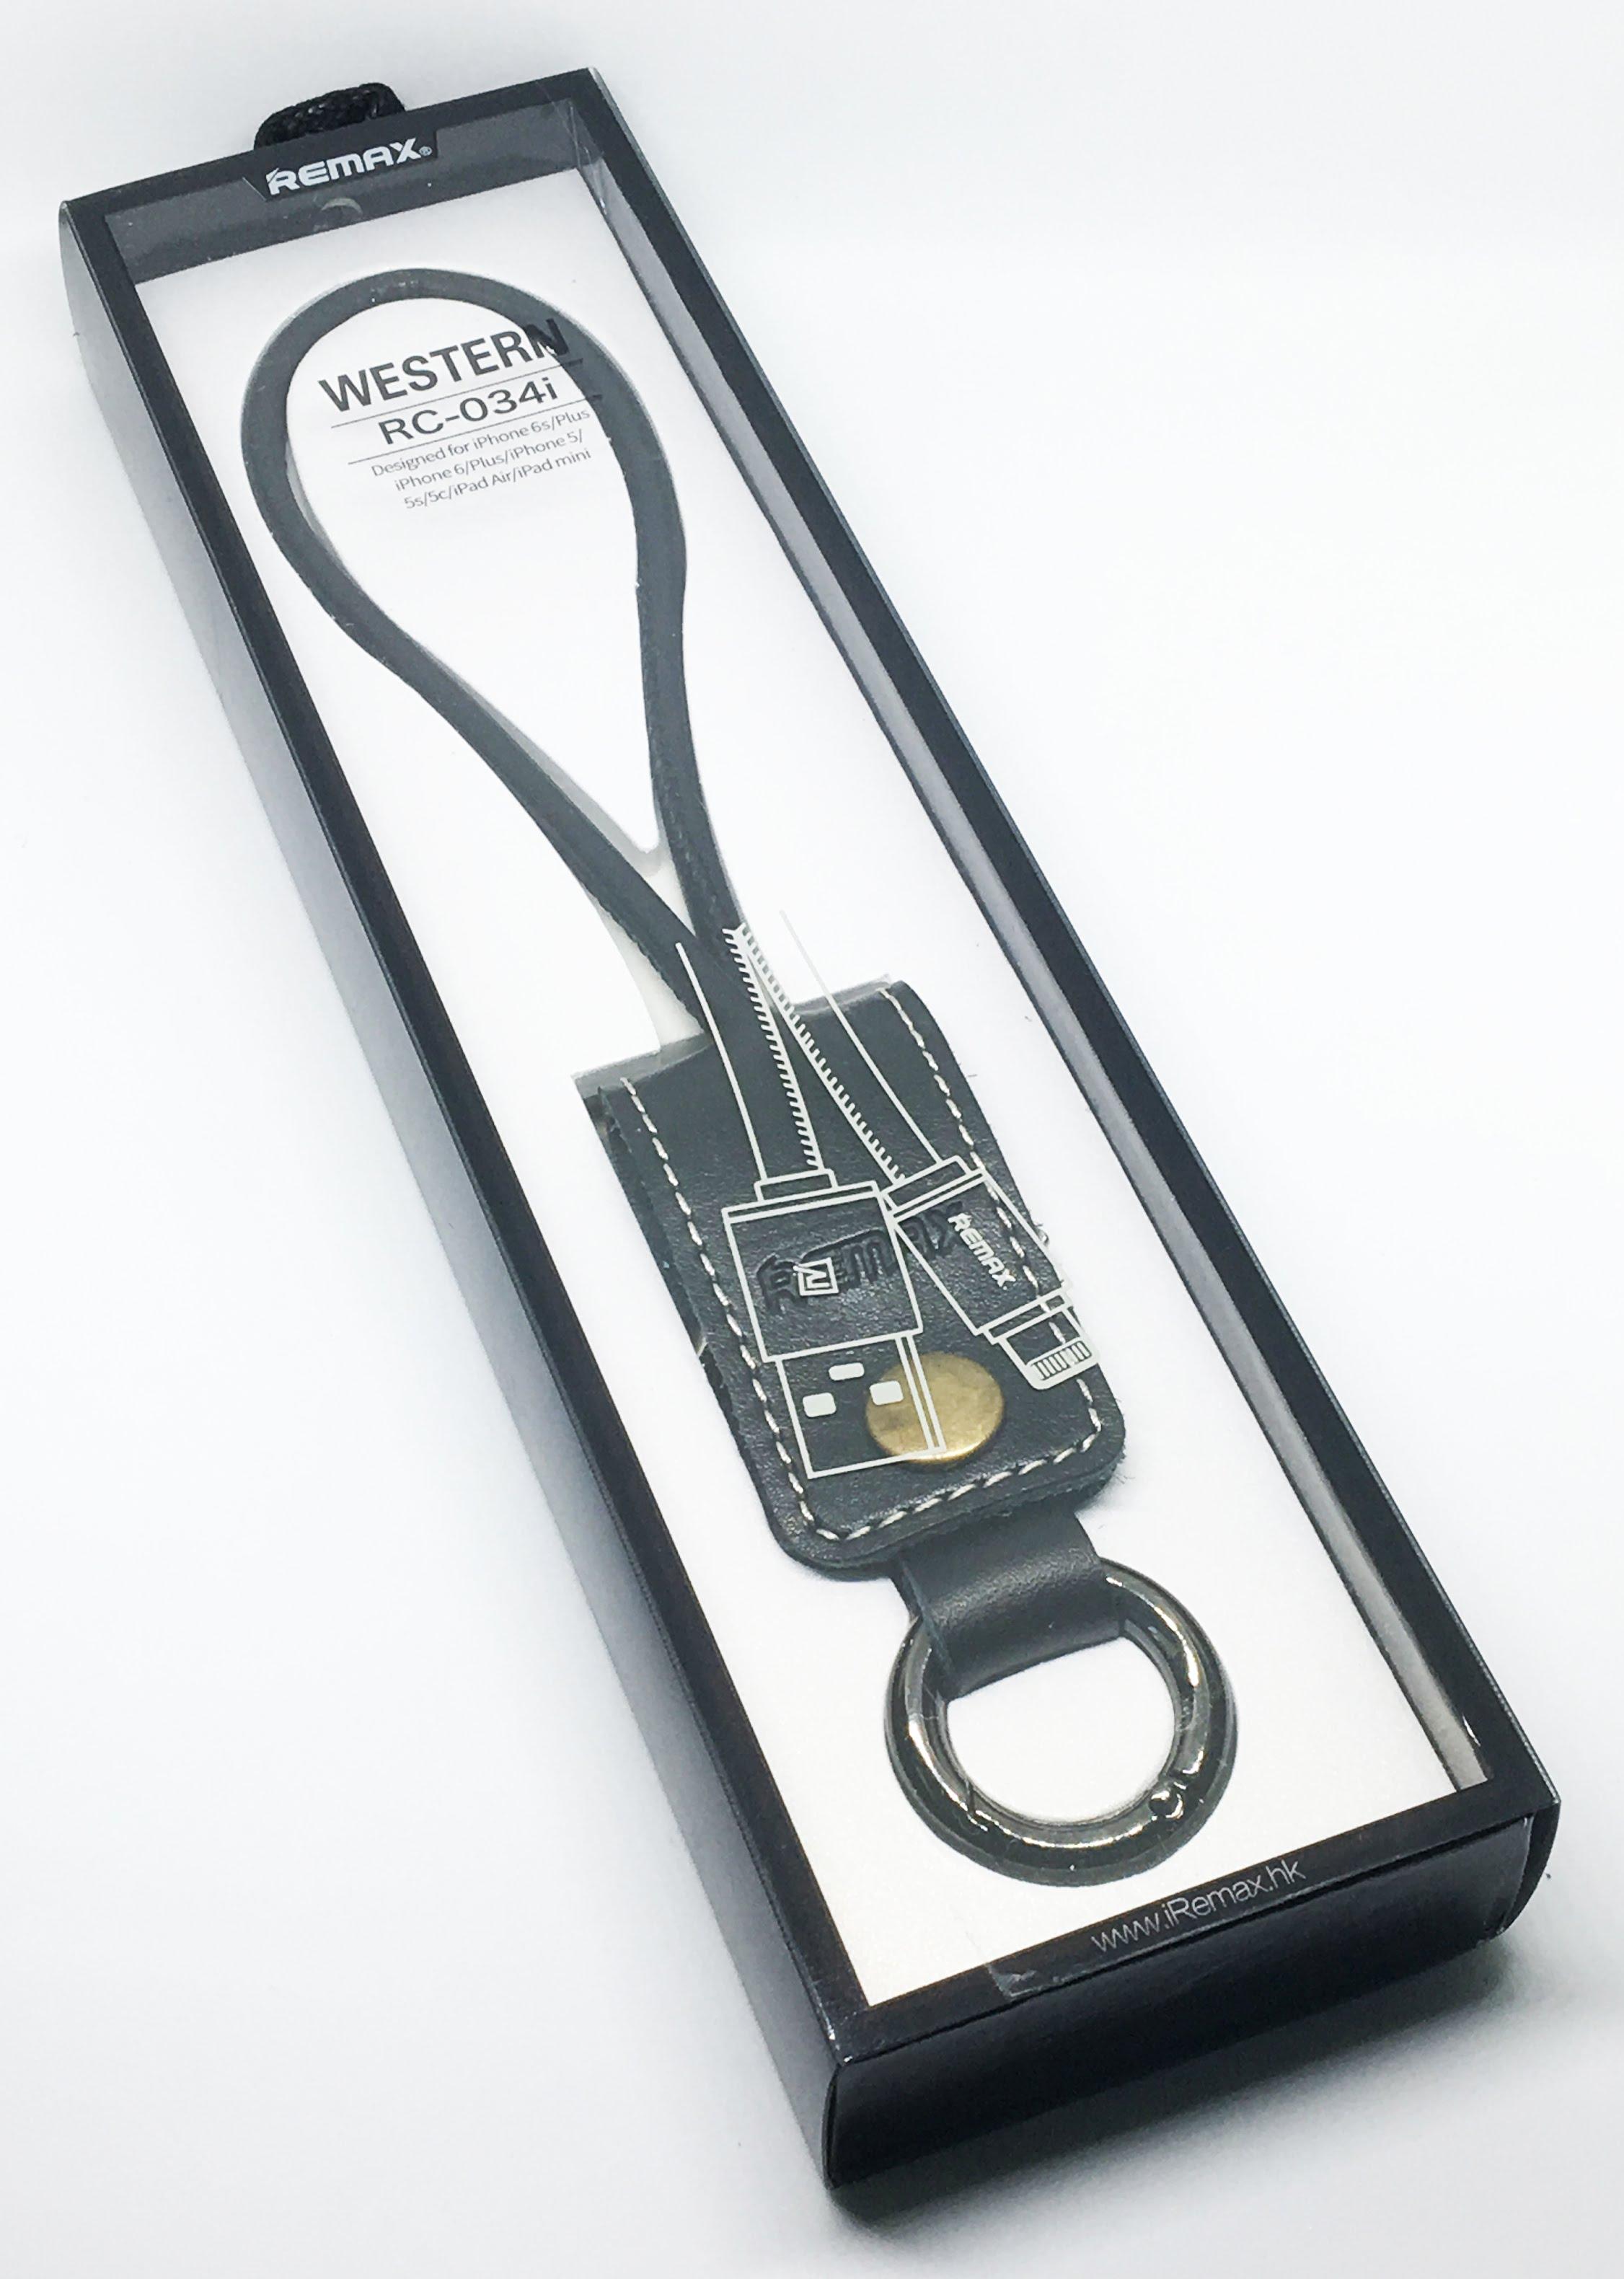 Кабел за данни micro USB, Remax RC-034I, ключодържател, естествена кожа,Черен - 14341